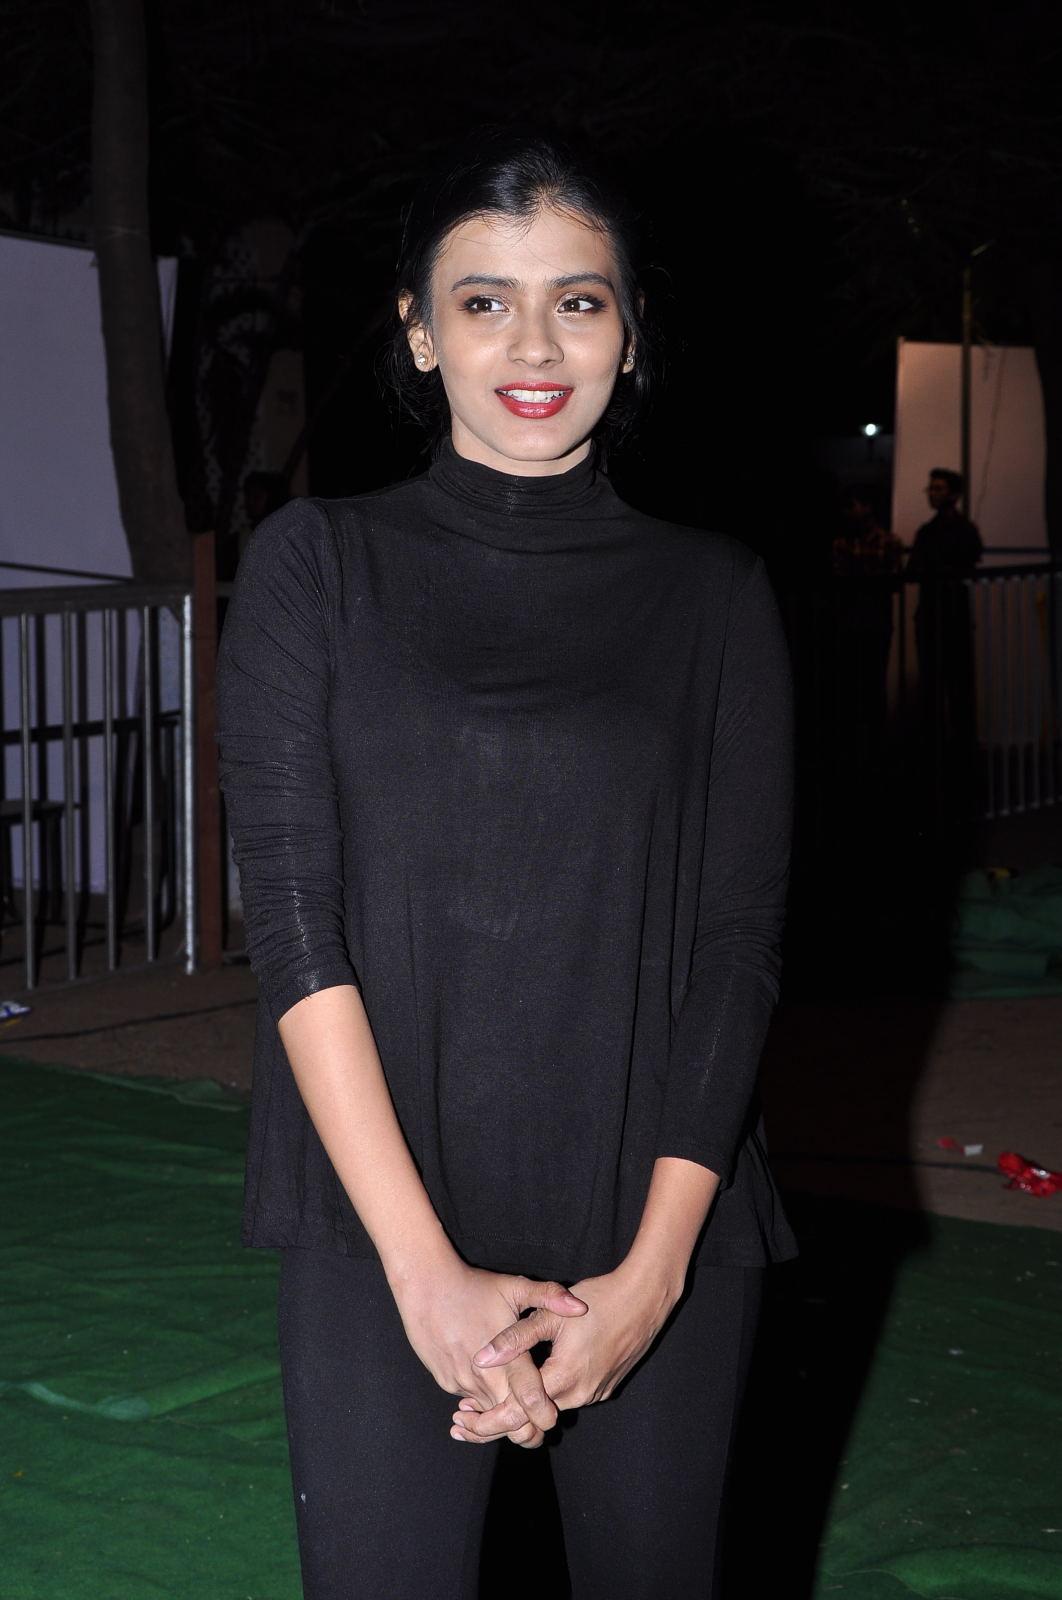 Hebah Patel at Kumari 21f platinum disk event-HQ-Photo-6